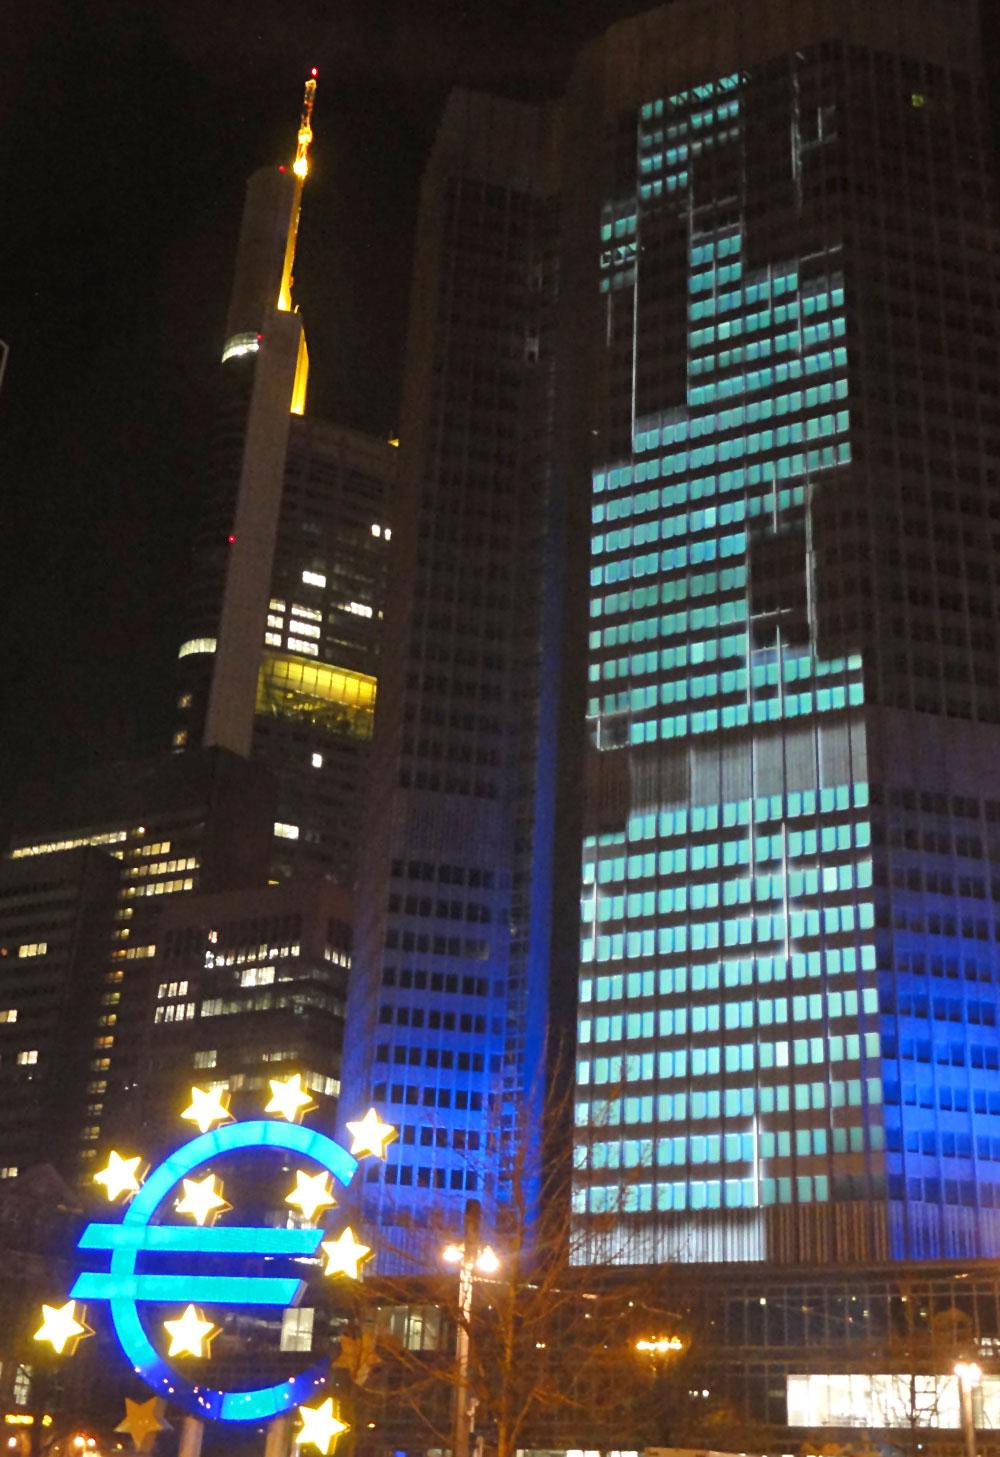 luminale-2016-frankfurt-alte-ezb